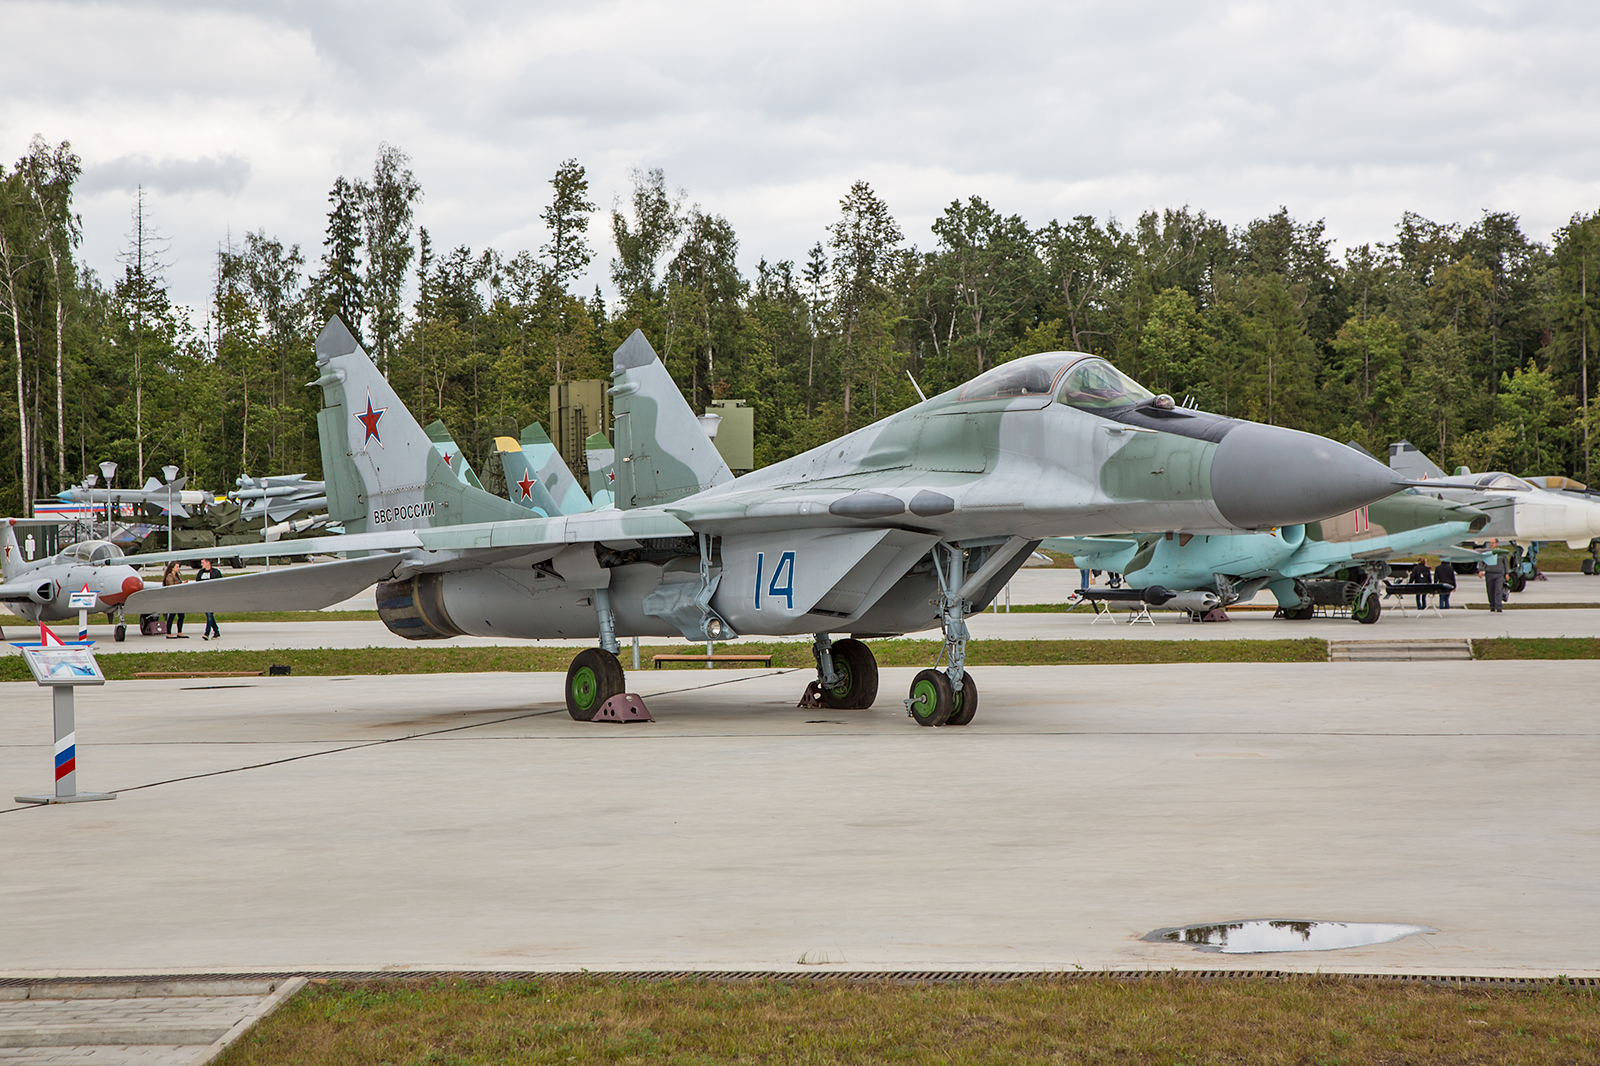 Die MiG-29A, in dieser Variante wurde sie auch 1989 in der NVA geflogen und kam mit der Wende zur Bundeswehr.